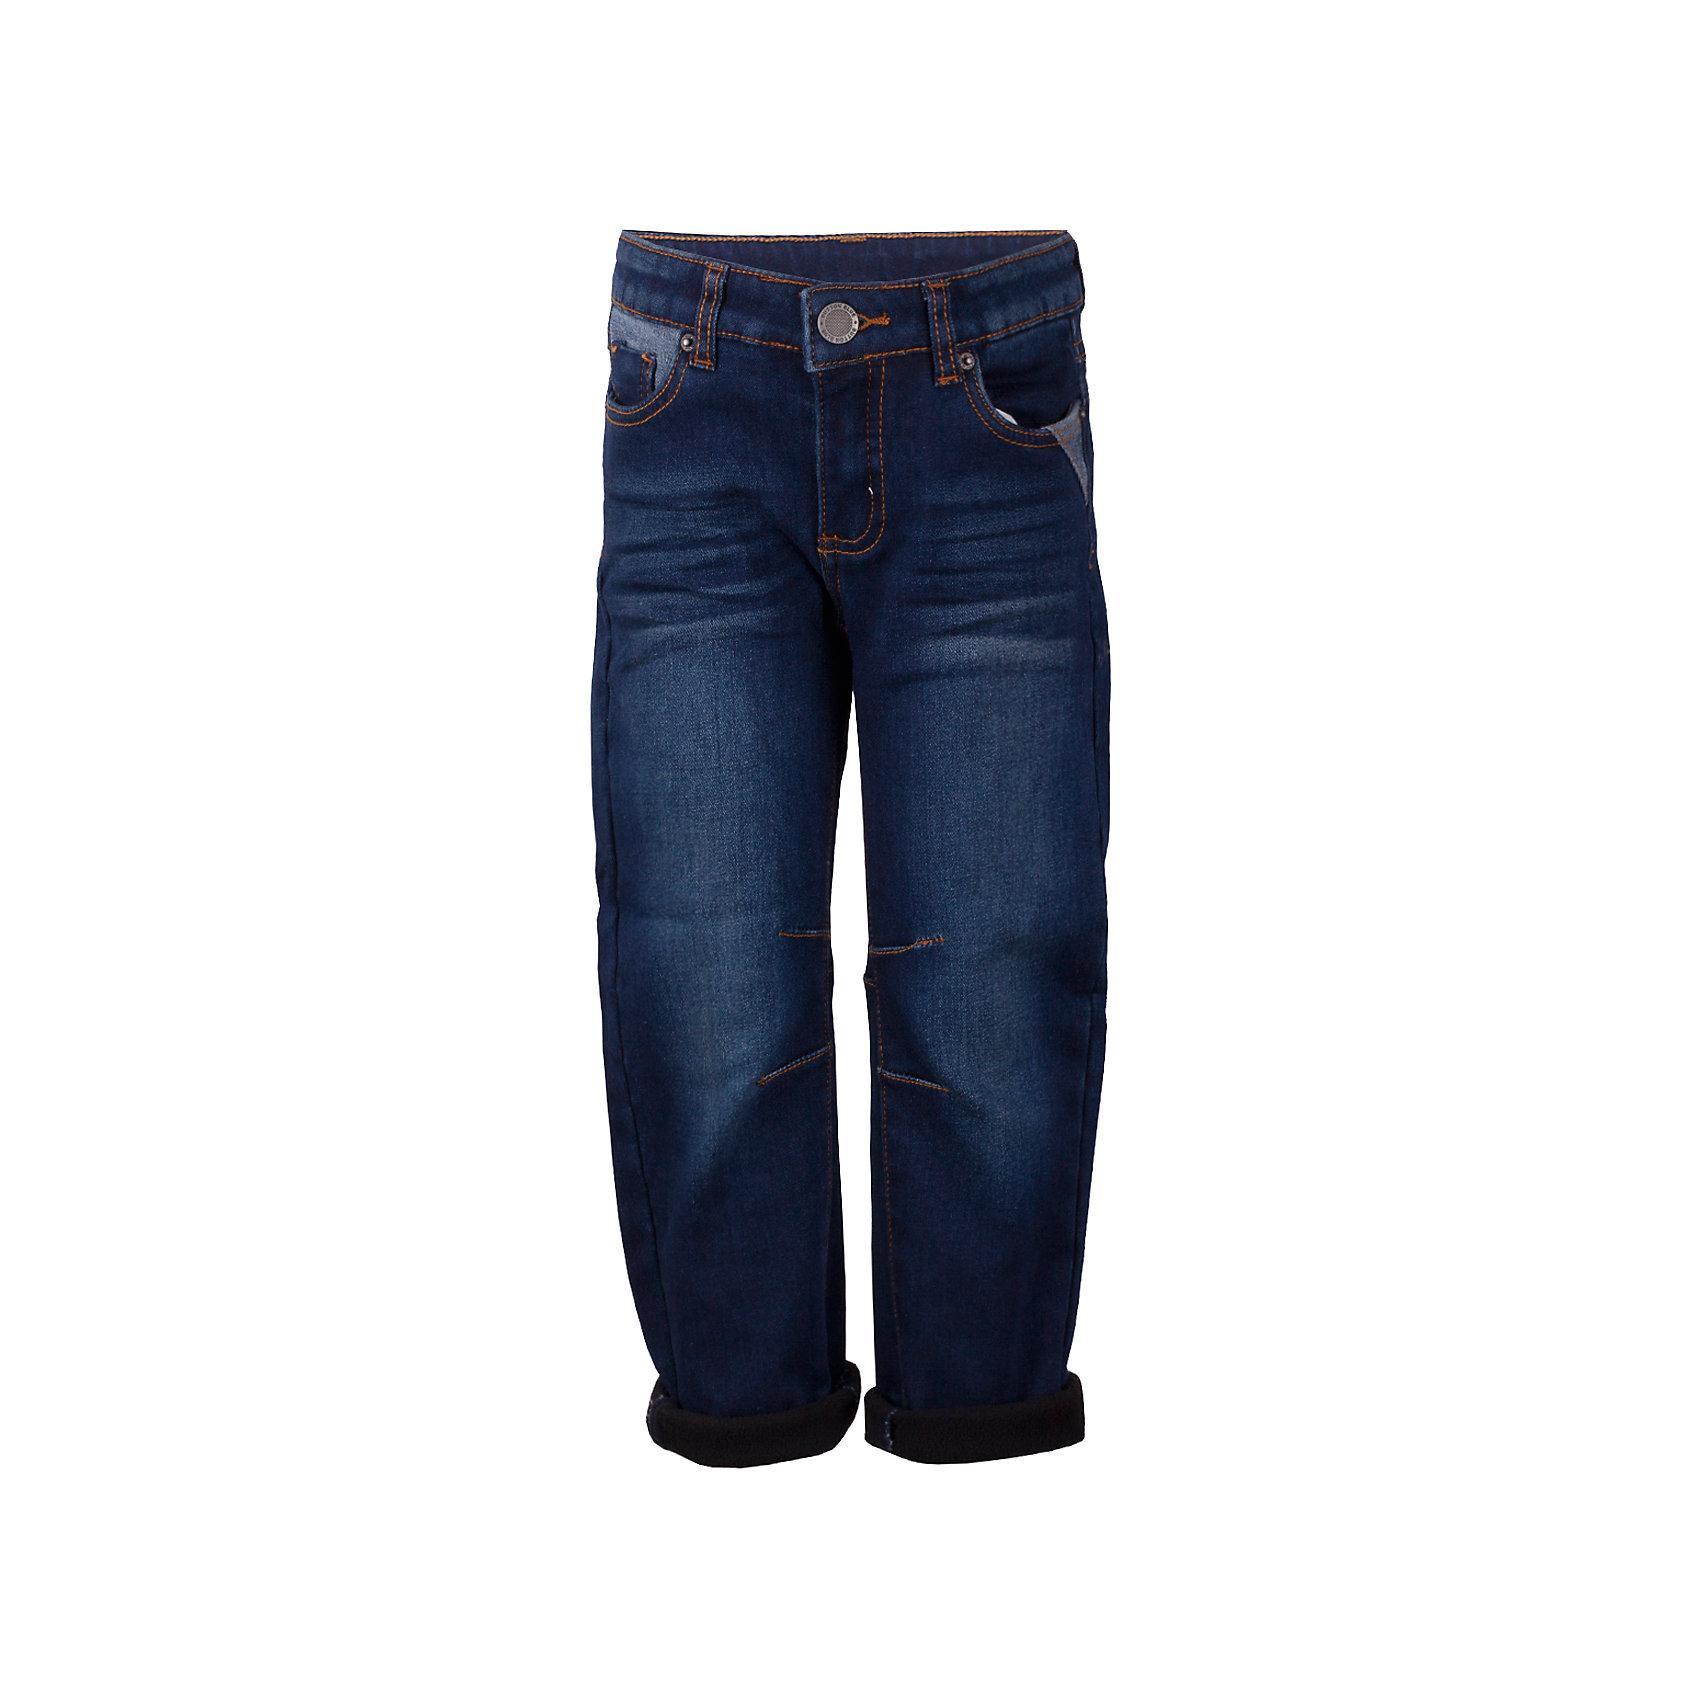 Джинсы Button Blue для мальчикаДжинсы<br>Характеристики товара:<br><br>• цвет: синий;<br>• состав: 54% хлопок 44,5% полиэстер 1,5% эластан;<br>• сезон: демисезон;<br>• особенности: однотонные, на флисовой подкладке;<br>• застежка: ширинка на молнии и пуговица;<br>• внутренняя регулировка обхвата талии;<br>• штанины с отворотами;<br>• накладные карманы сзади;<br>• два кармана спереди + мини-карман;<br>• страна бренда: Россия;<br>• страна изготовитель: Китай.<br><br>Джинсы на флисе для мальчика. Синие джинсы с отворотами застегиваются на ширинку на молнии и пуговицу. <br><br>Джинсы Button Blue (Баттон Блю) можно купить в нашем интернет-магазине.<br><br>Ширина мм: 215<br>Глубина мм: 88<br>Высота мм: 191<br>Вес г: 336<br>Цвет: темно-синий<br>Возраст от месяцев: 144<br>Возраст до месяцев: 156<br>Пол: Мужской<br>Возраст: Детский<br>Размер: 158,98,104,110,116,122,128,134,140,146,152<br>SKU: 7038833